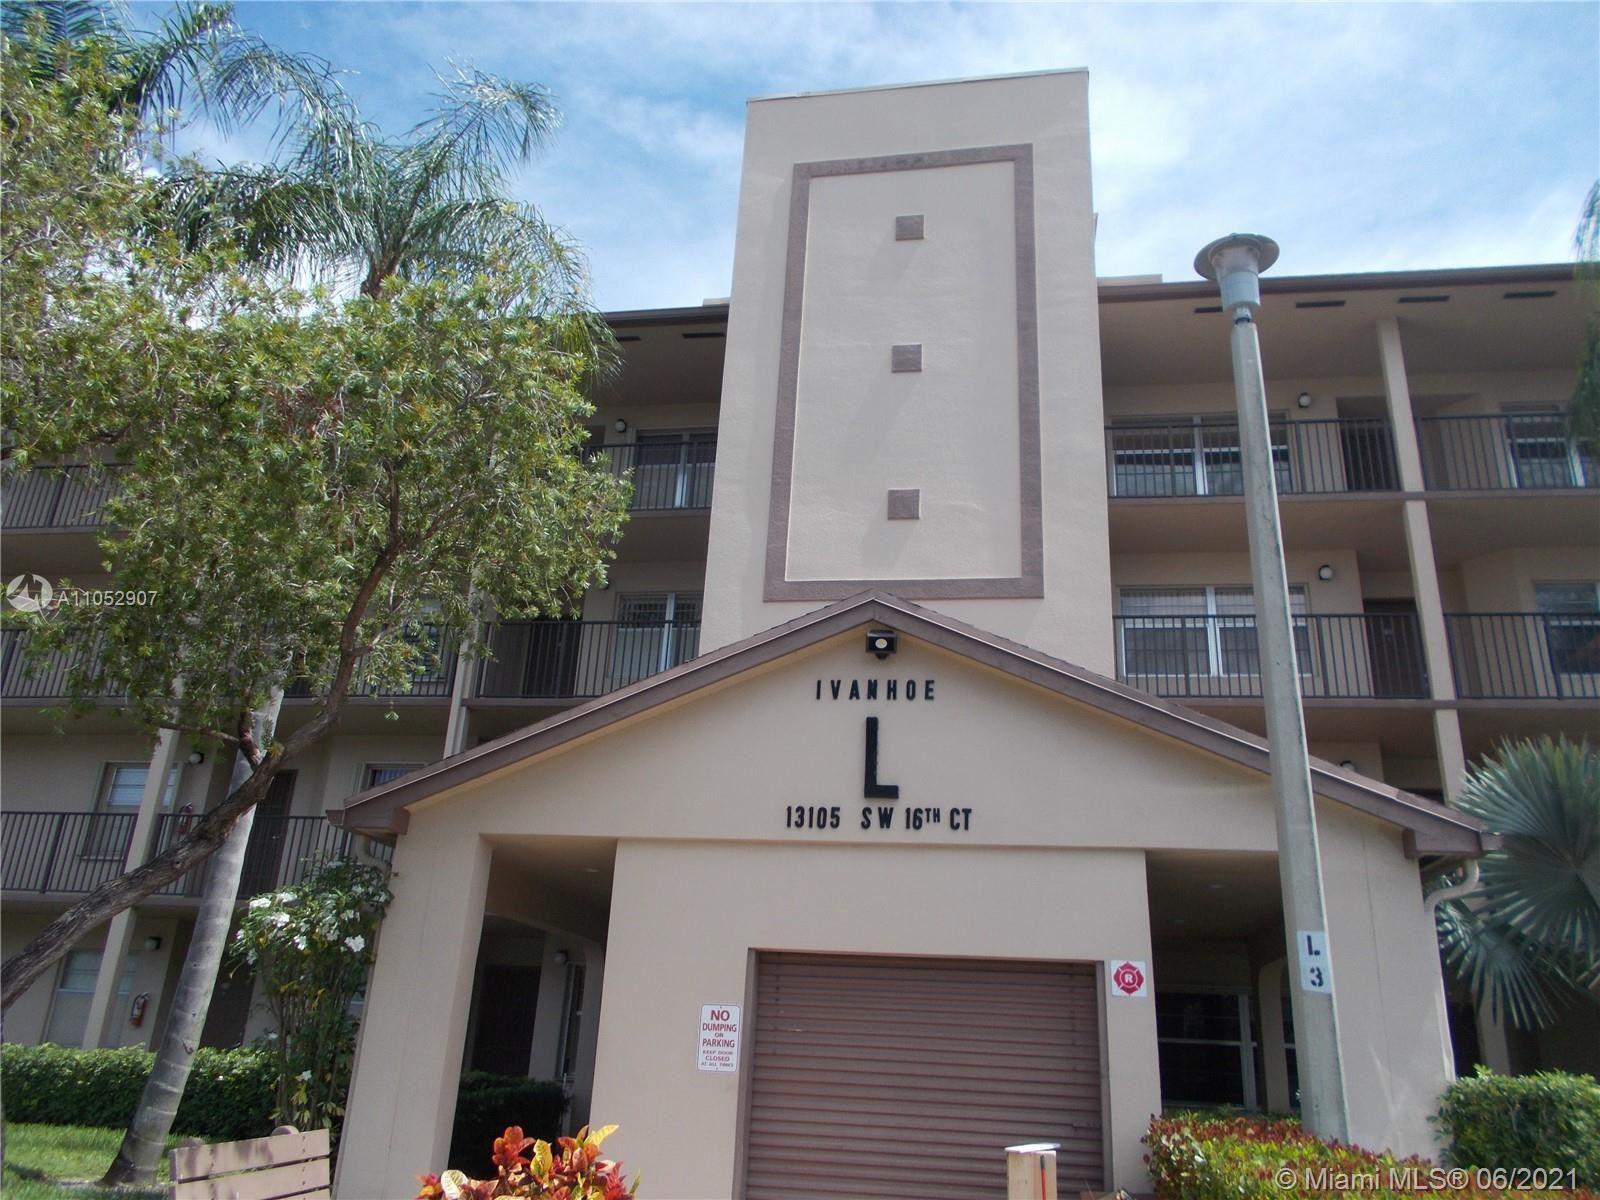 13105 SW 16th Ct #213L, Pembroke Pines, FL 33027 - #: A11052907